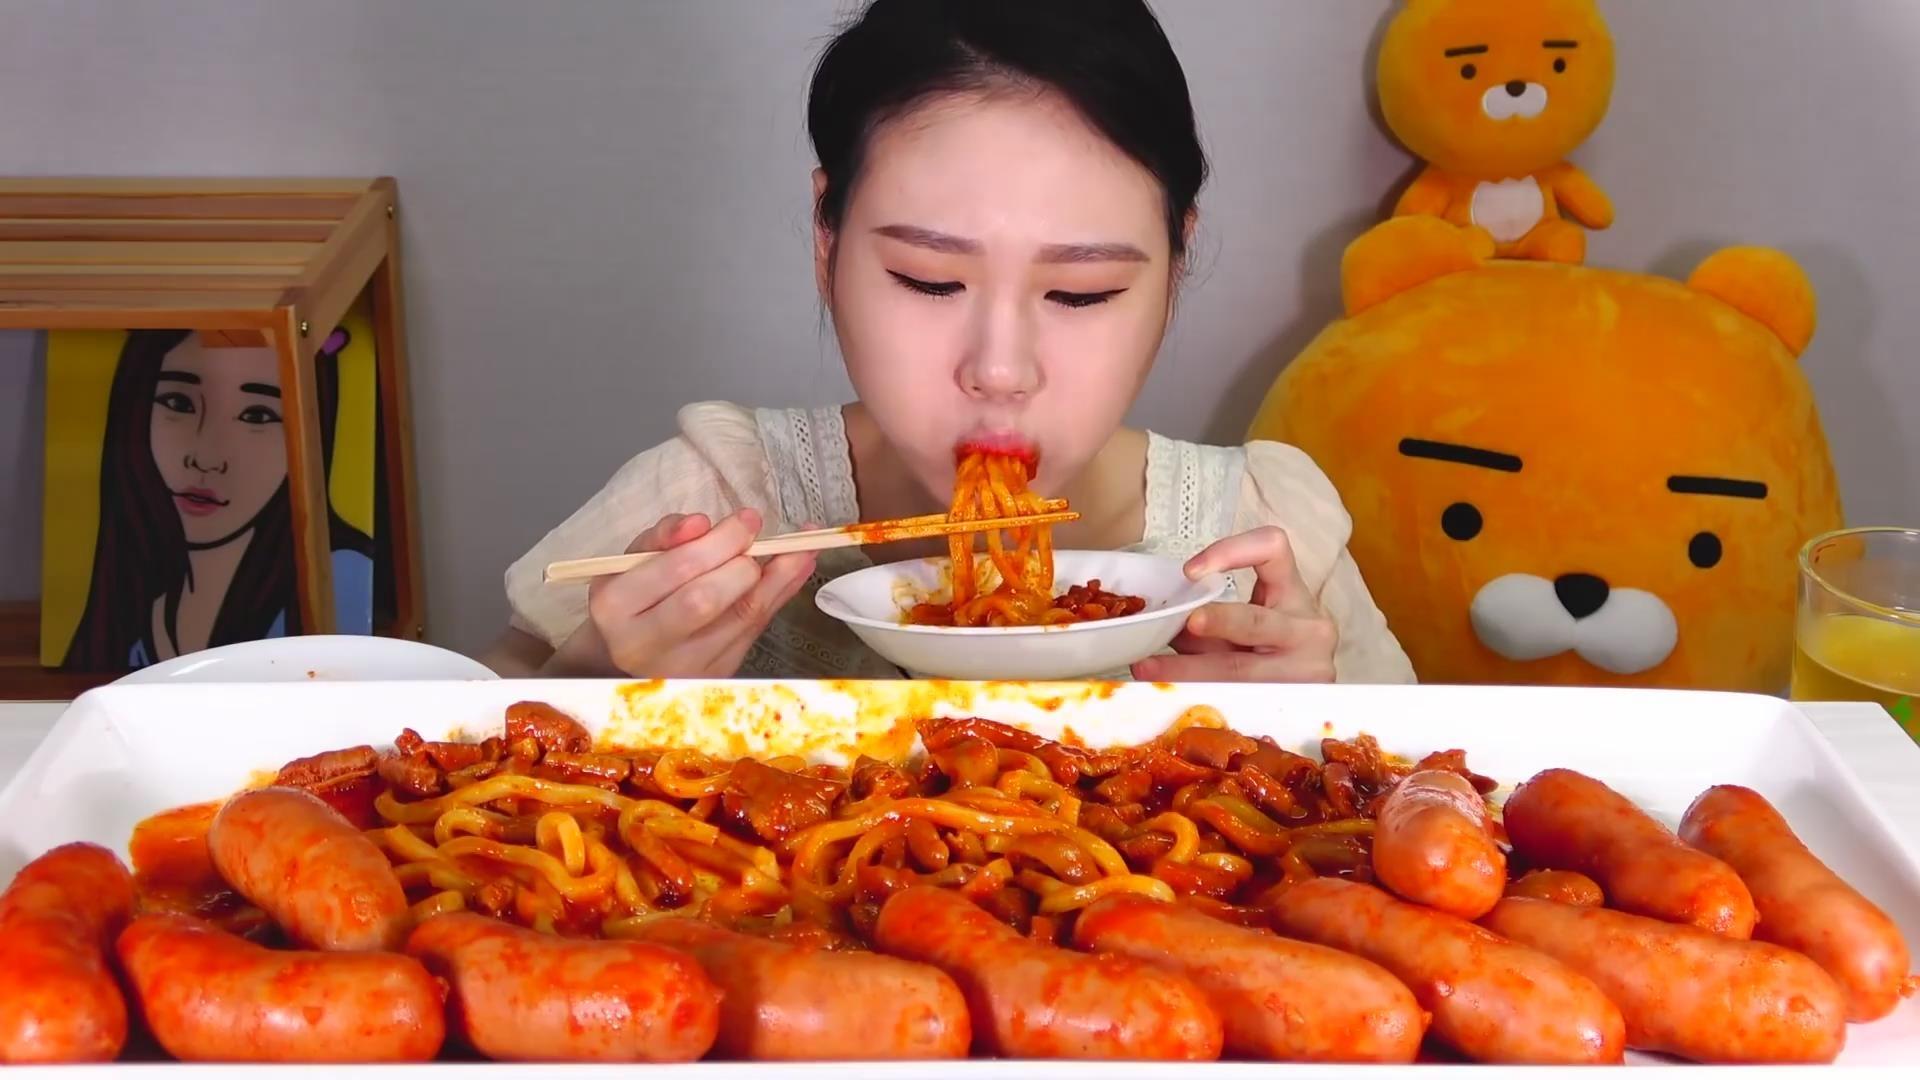 【Fran卡妹】 香肠牛肠乌冬面+煎饺乌冬面+海鲜黑豆炸酱面